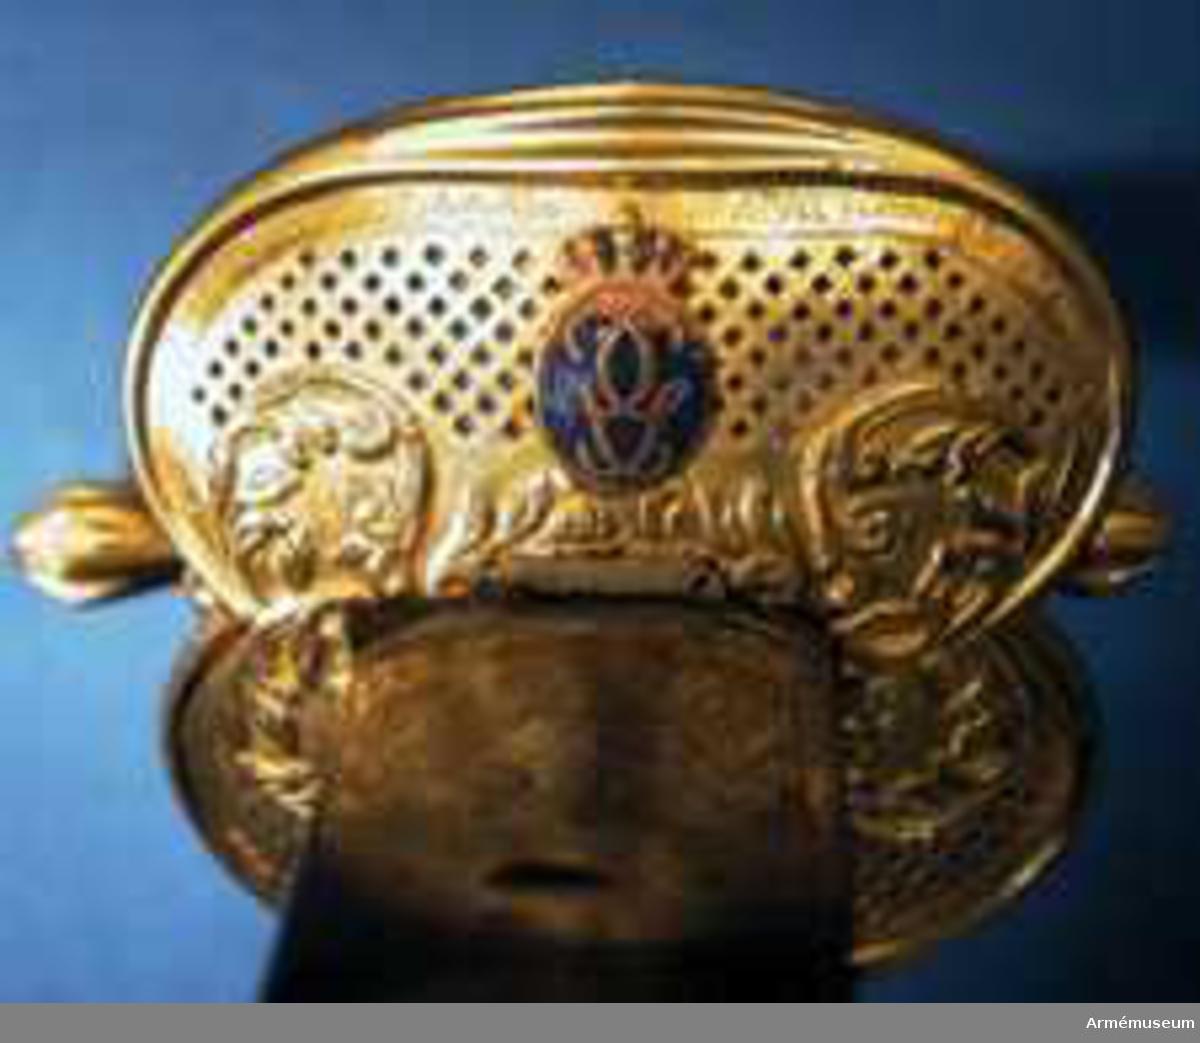 """Förgyllt fäste av kommendertyp med fyra medaljonger av blå emalj med Gustaf III:s krönta namnchiffer. På parerplåtens undre ytterkant är graverat """"Gifvit av Konungen til Fend.Örn för visad mandom mot Rikets Fiender 1790 under Kriget mot Ryssland.""""   Klinga av colichermardetyp med blånerad och etsad dekor med spår av förgyllning.  Bredd vid fästet: 33 mm."""